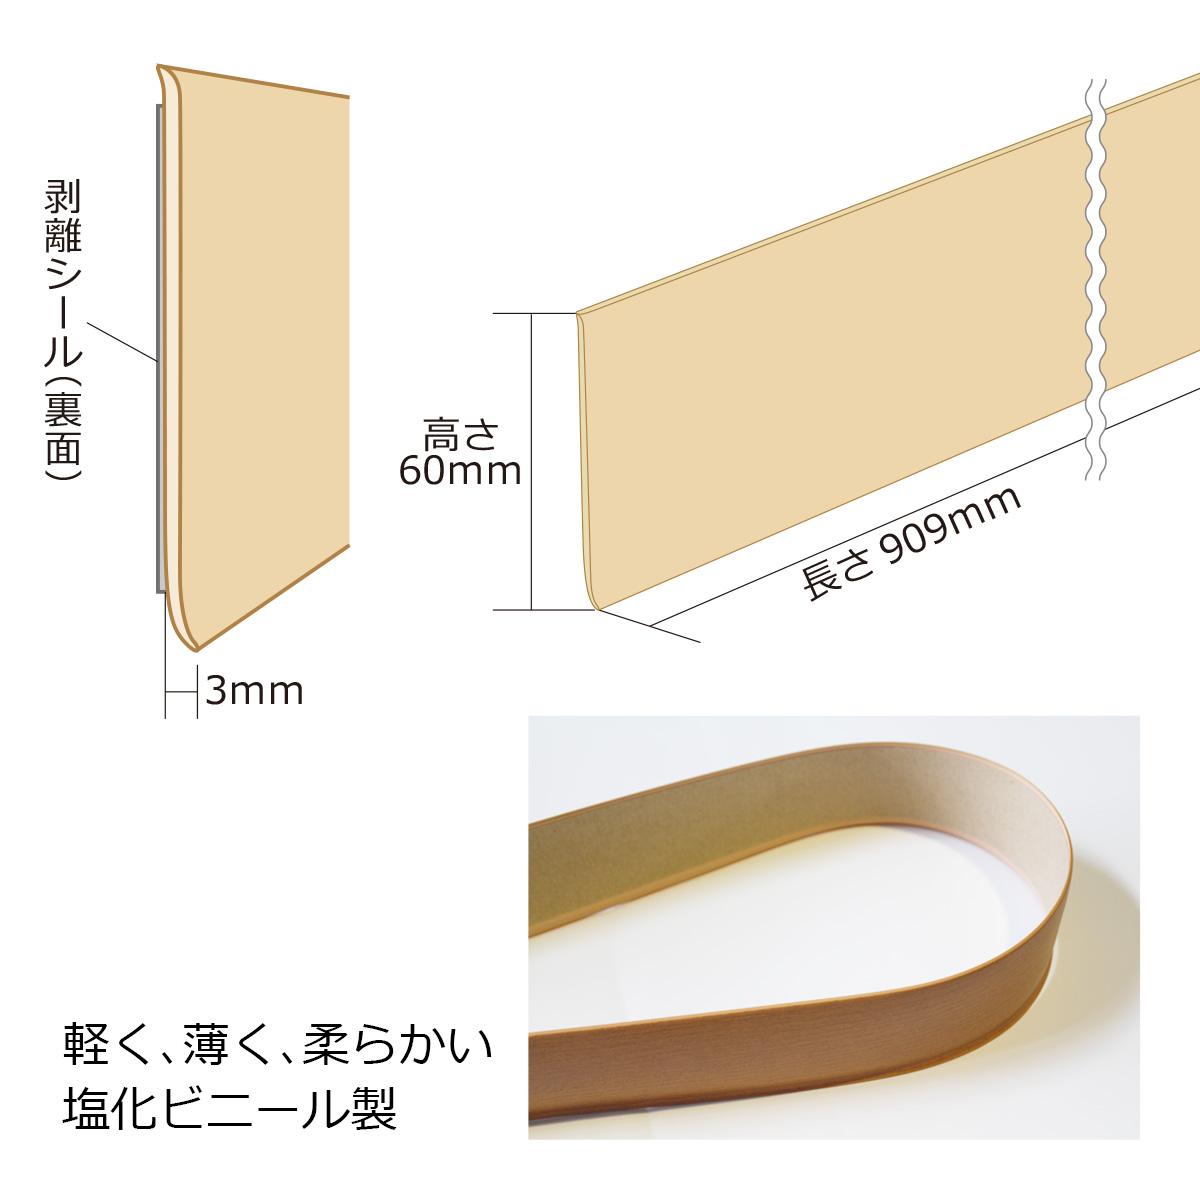 高さ60ミリ 長さ909ミリ 軽く、薄く、柔らかい塩化ビニール製